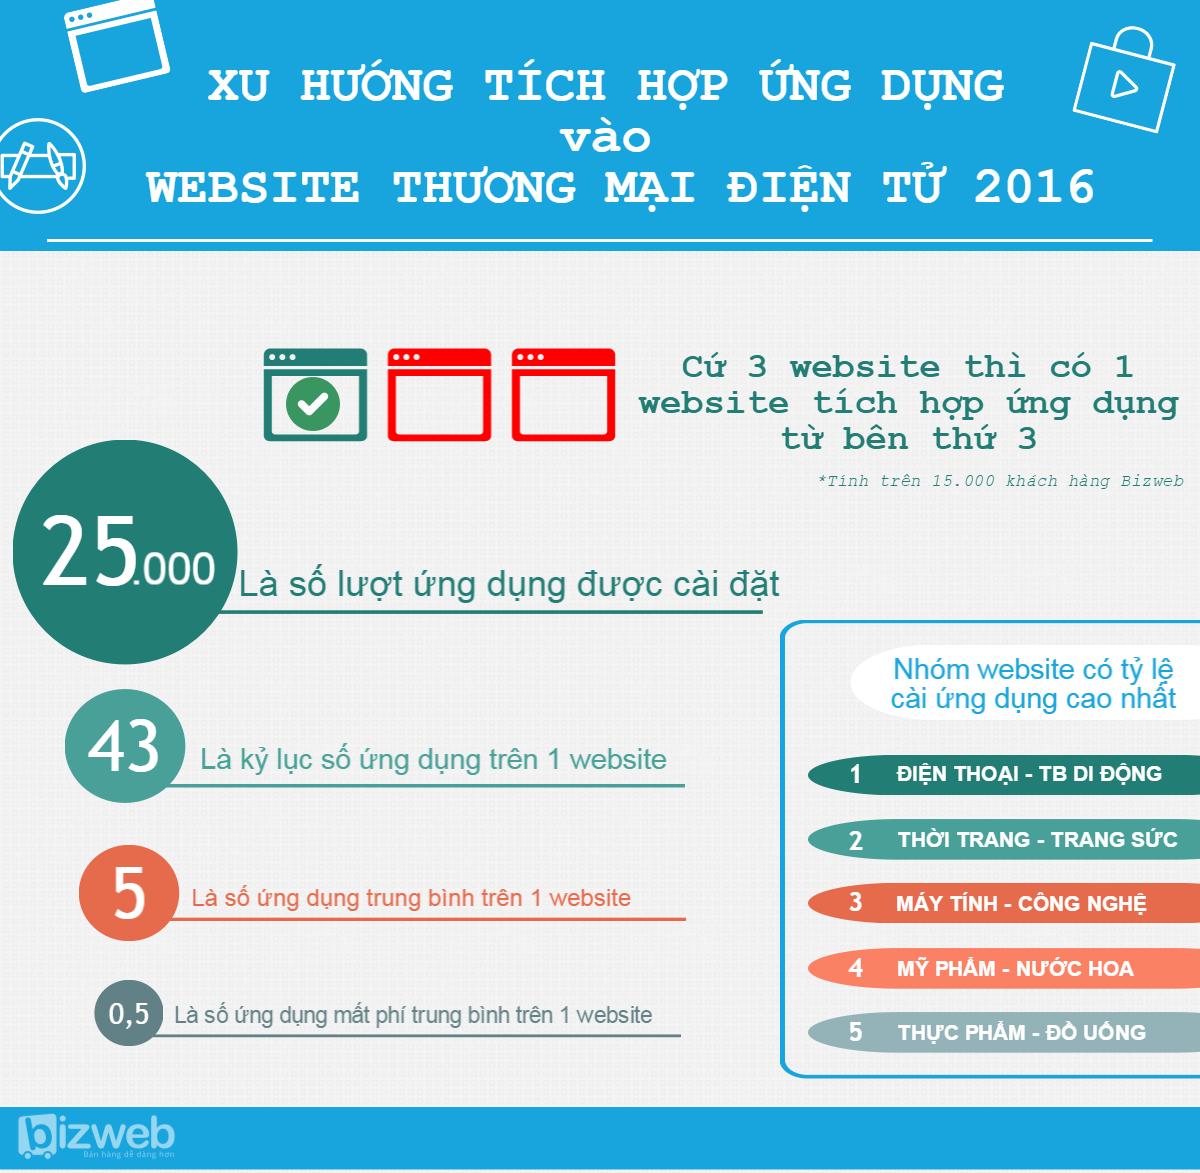 Xu huong tich hop ung dung website TMDT 1